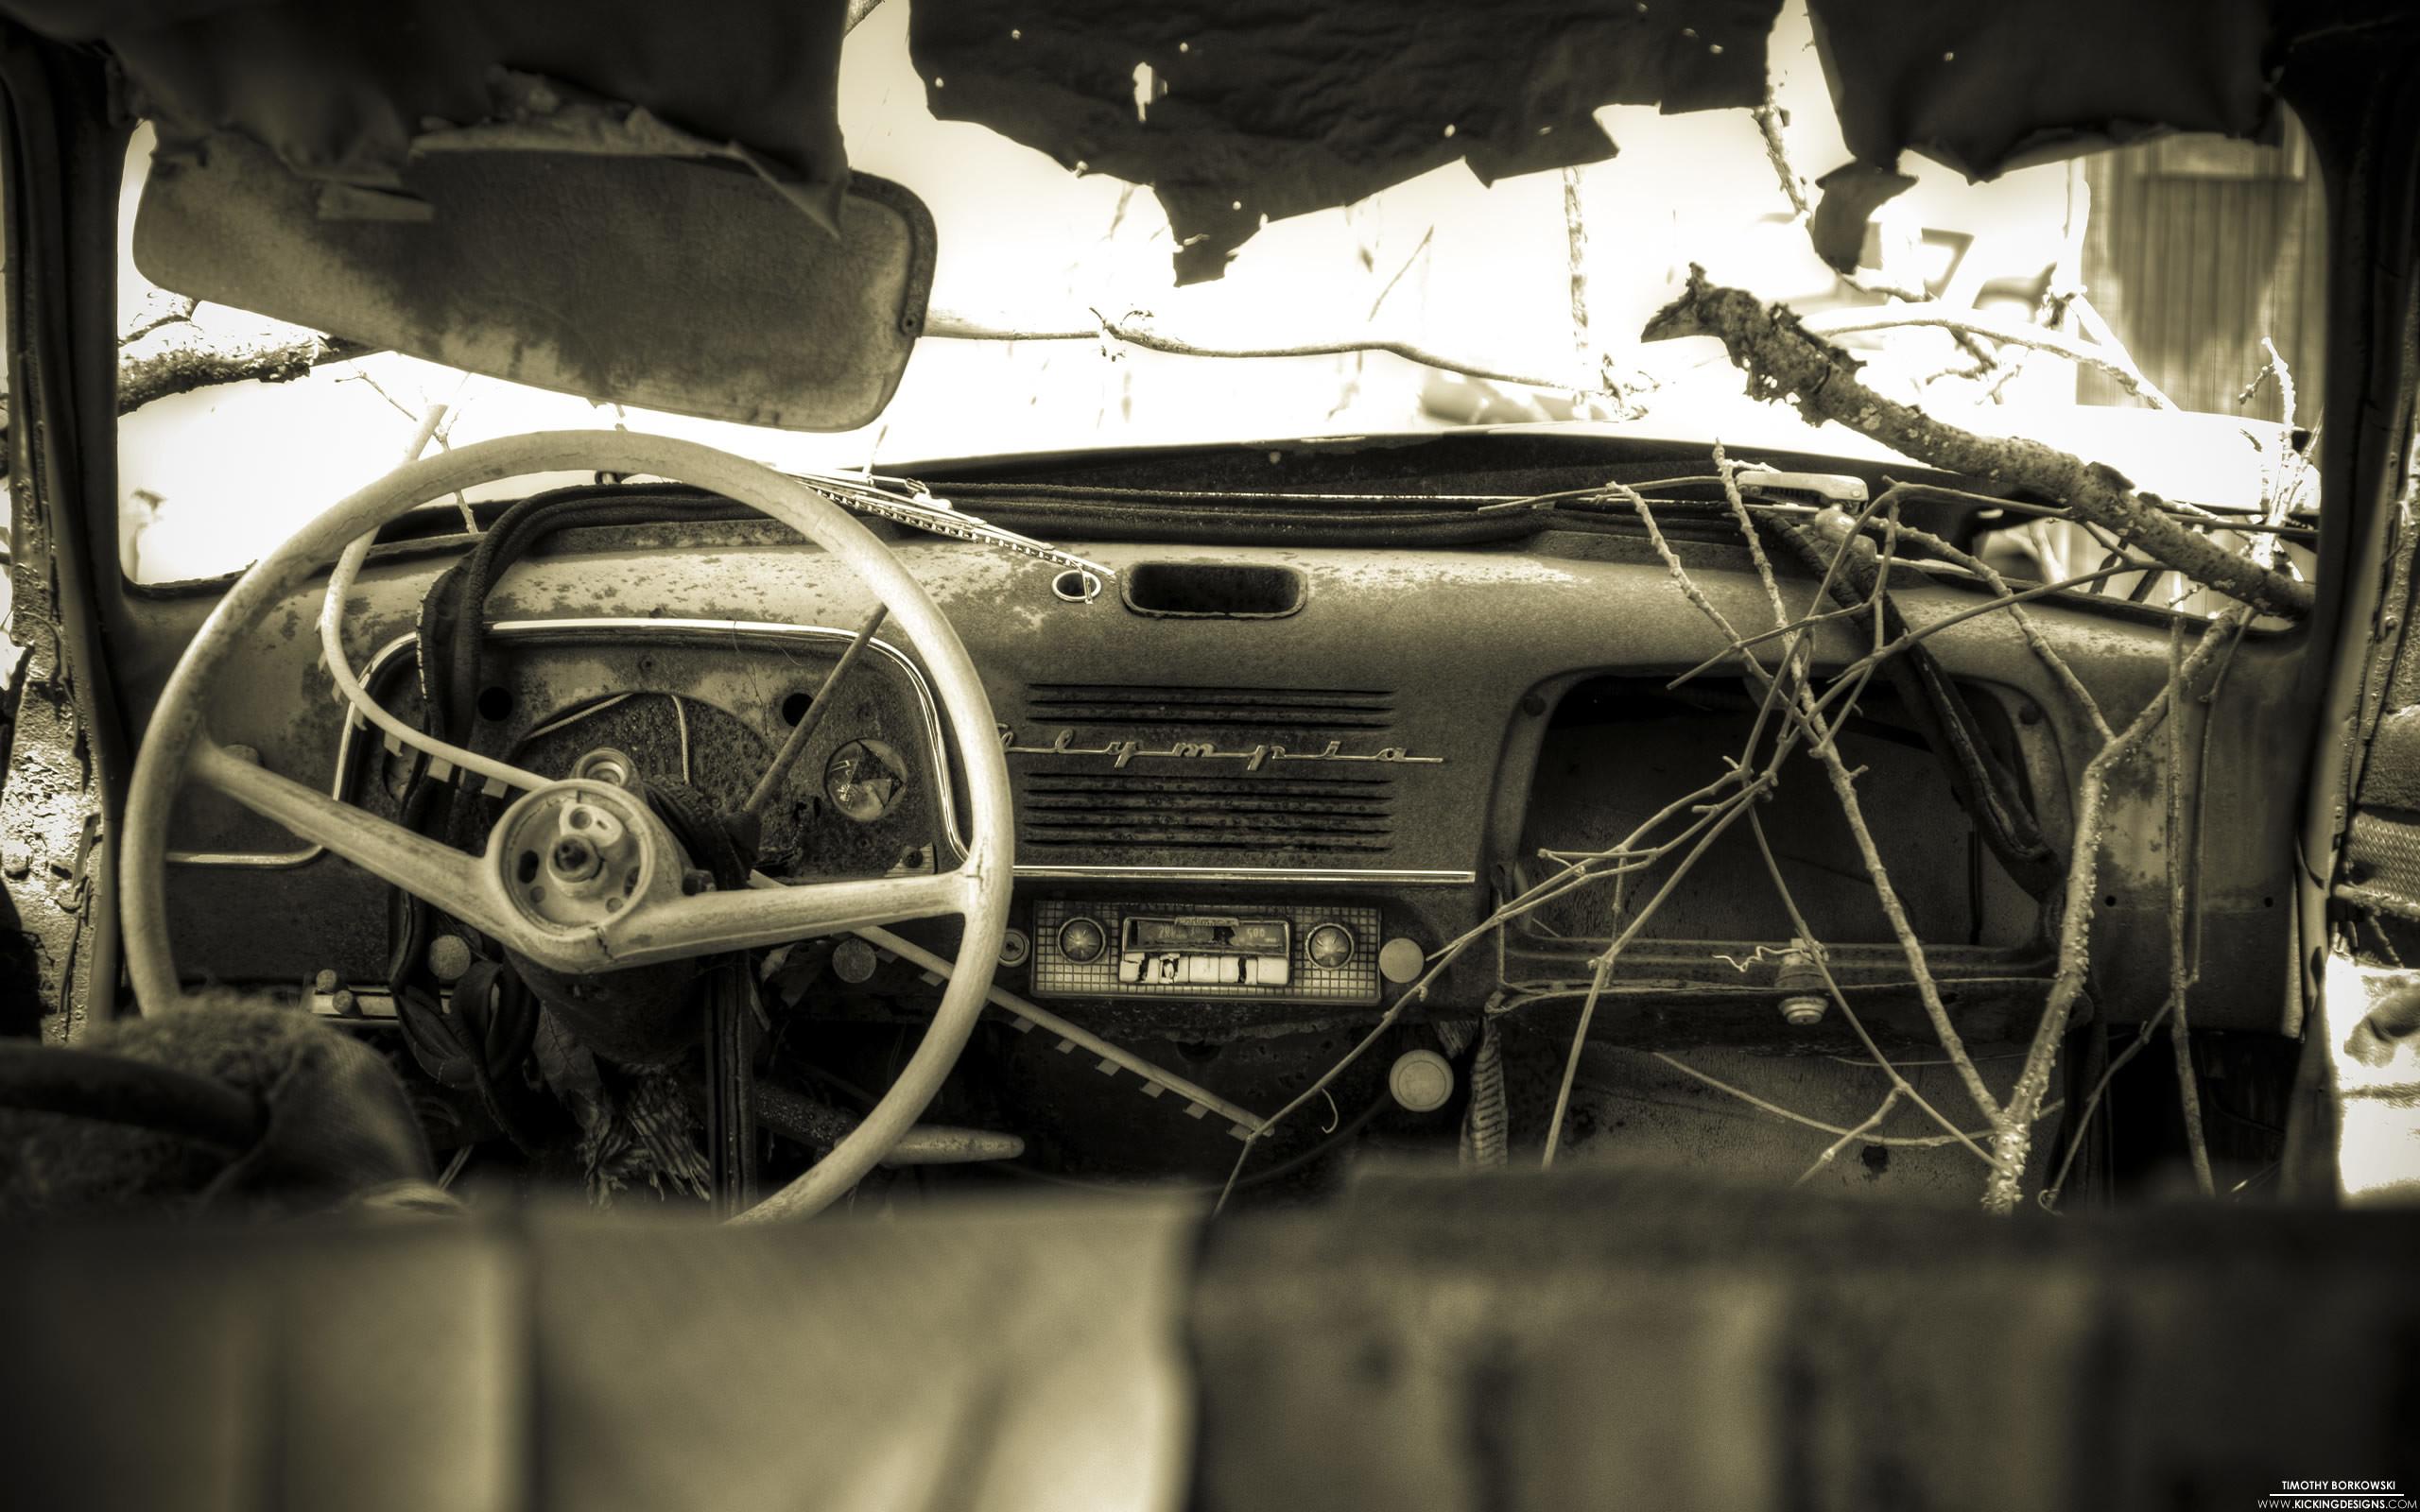 Res: 2560x1600, Old Car Wallpaper 18 - 2560 X 1600